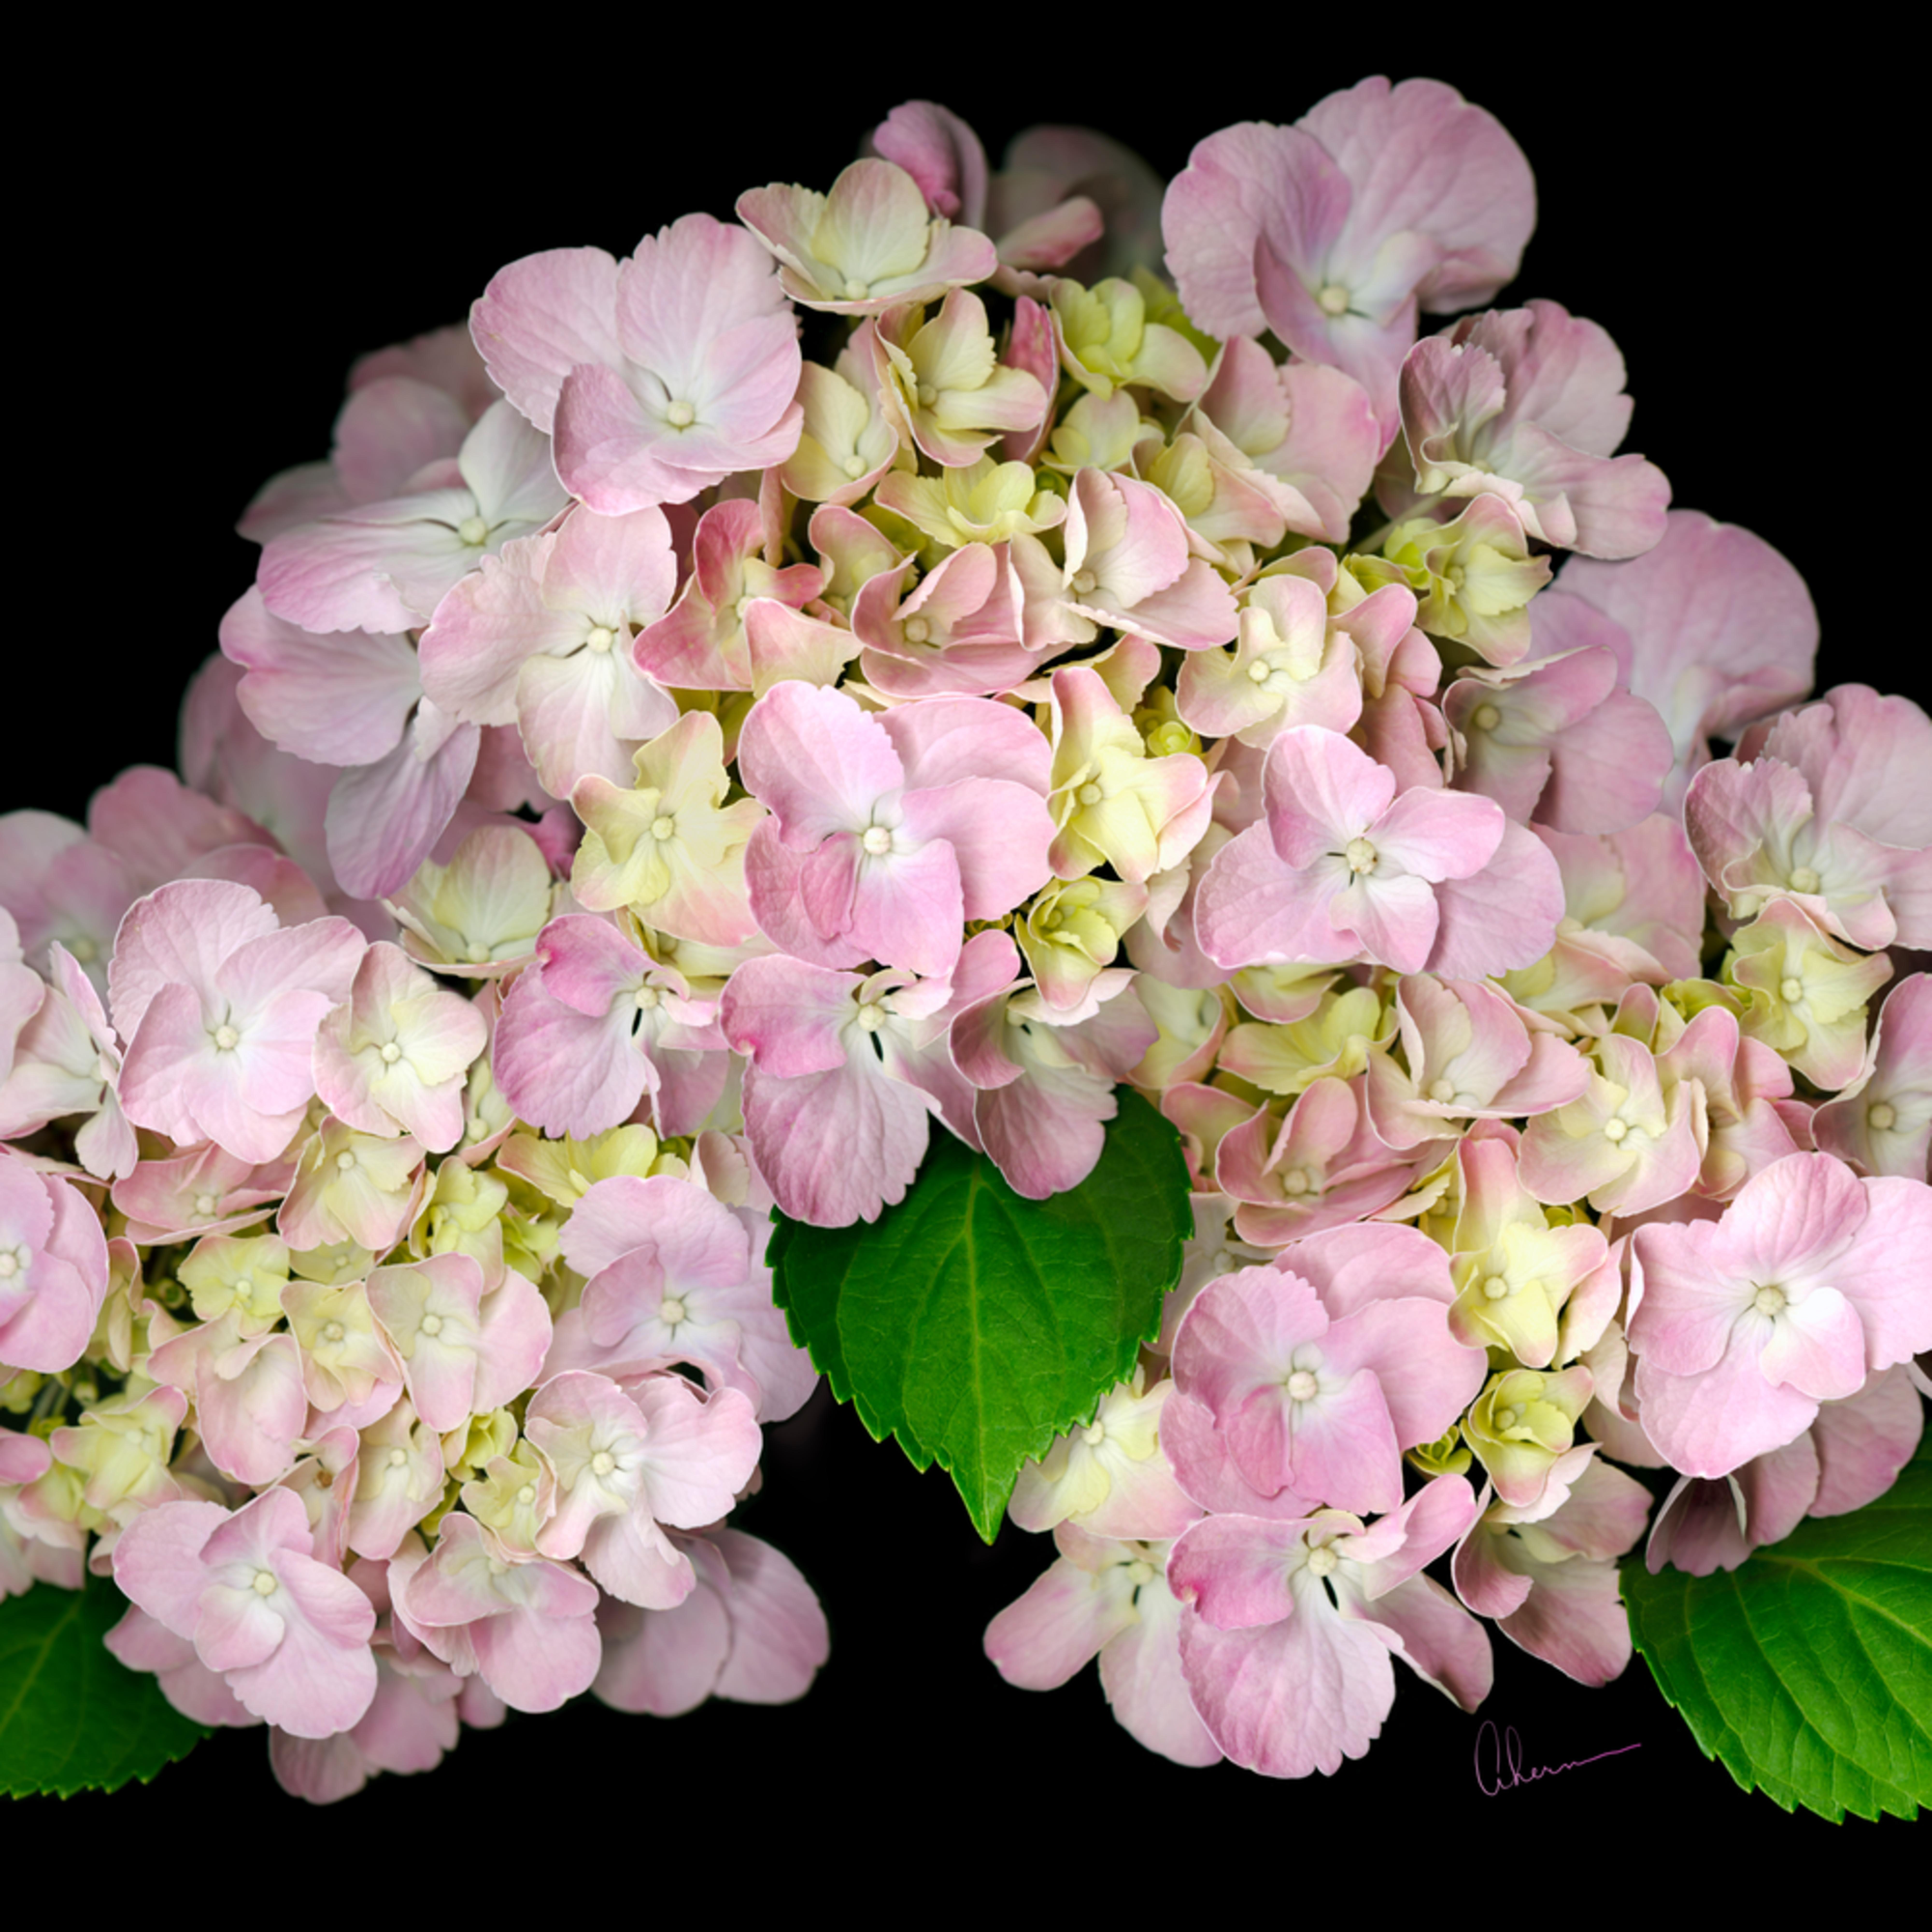 060802 ahern pink hydrangea 30x40x300 gkh7id